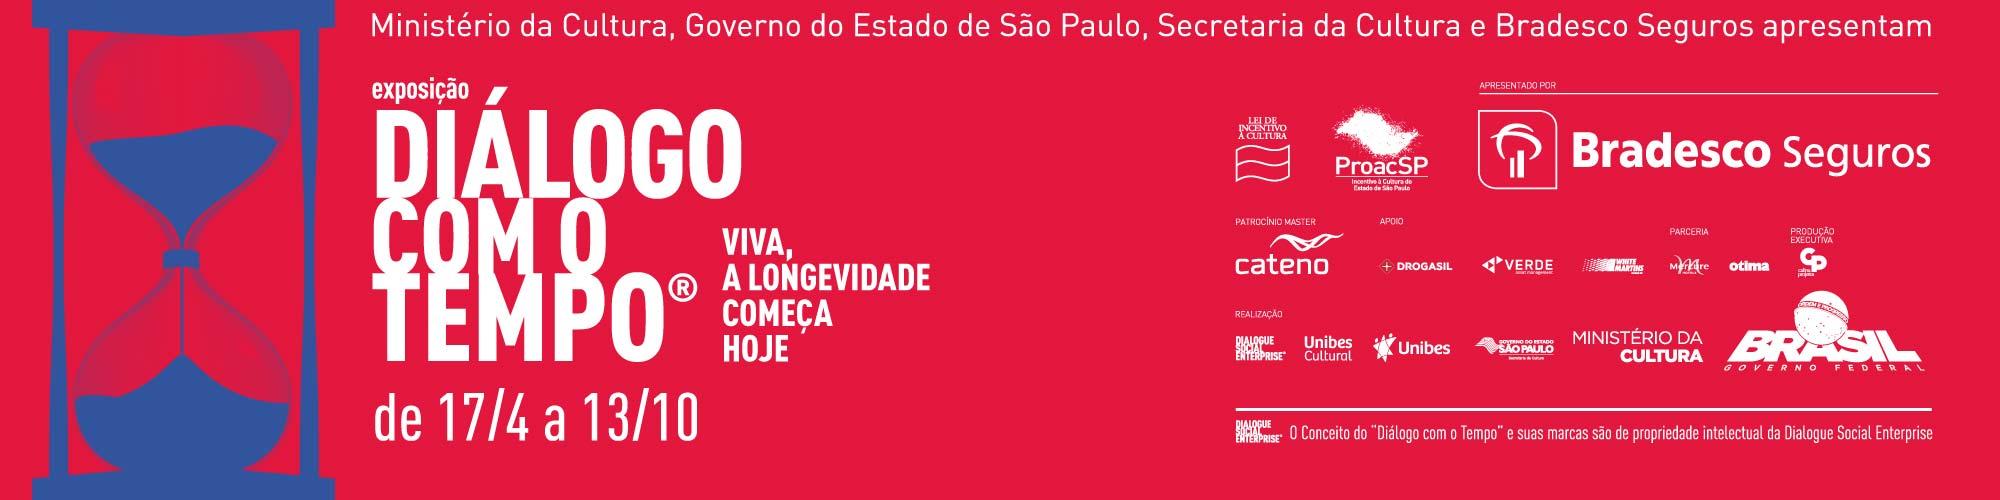 """Exposição """"Diálogo com o Tempo"""" segue aberta; ingressos custam R$ 20 e R$ 10"""